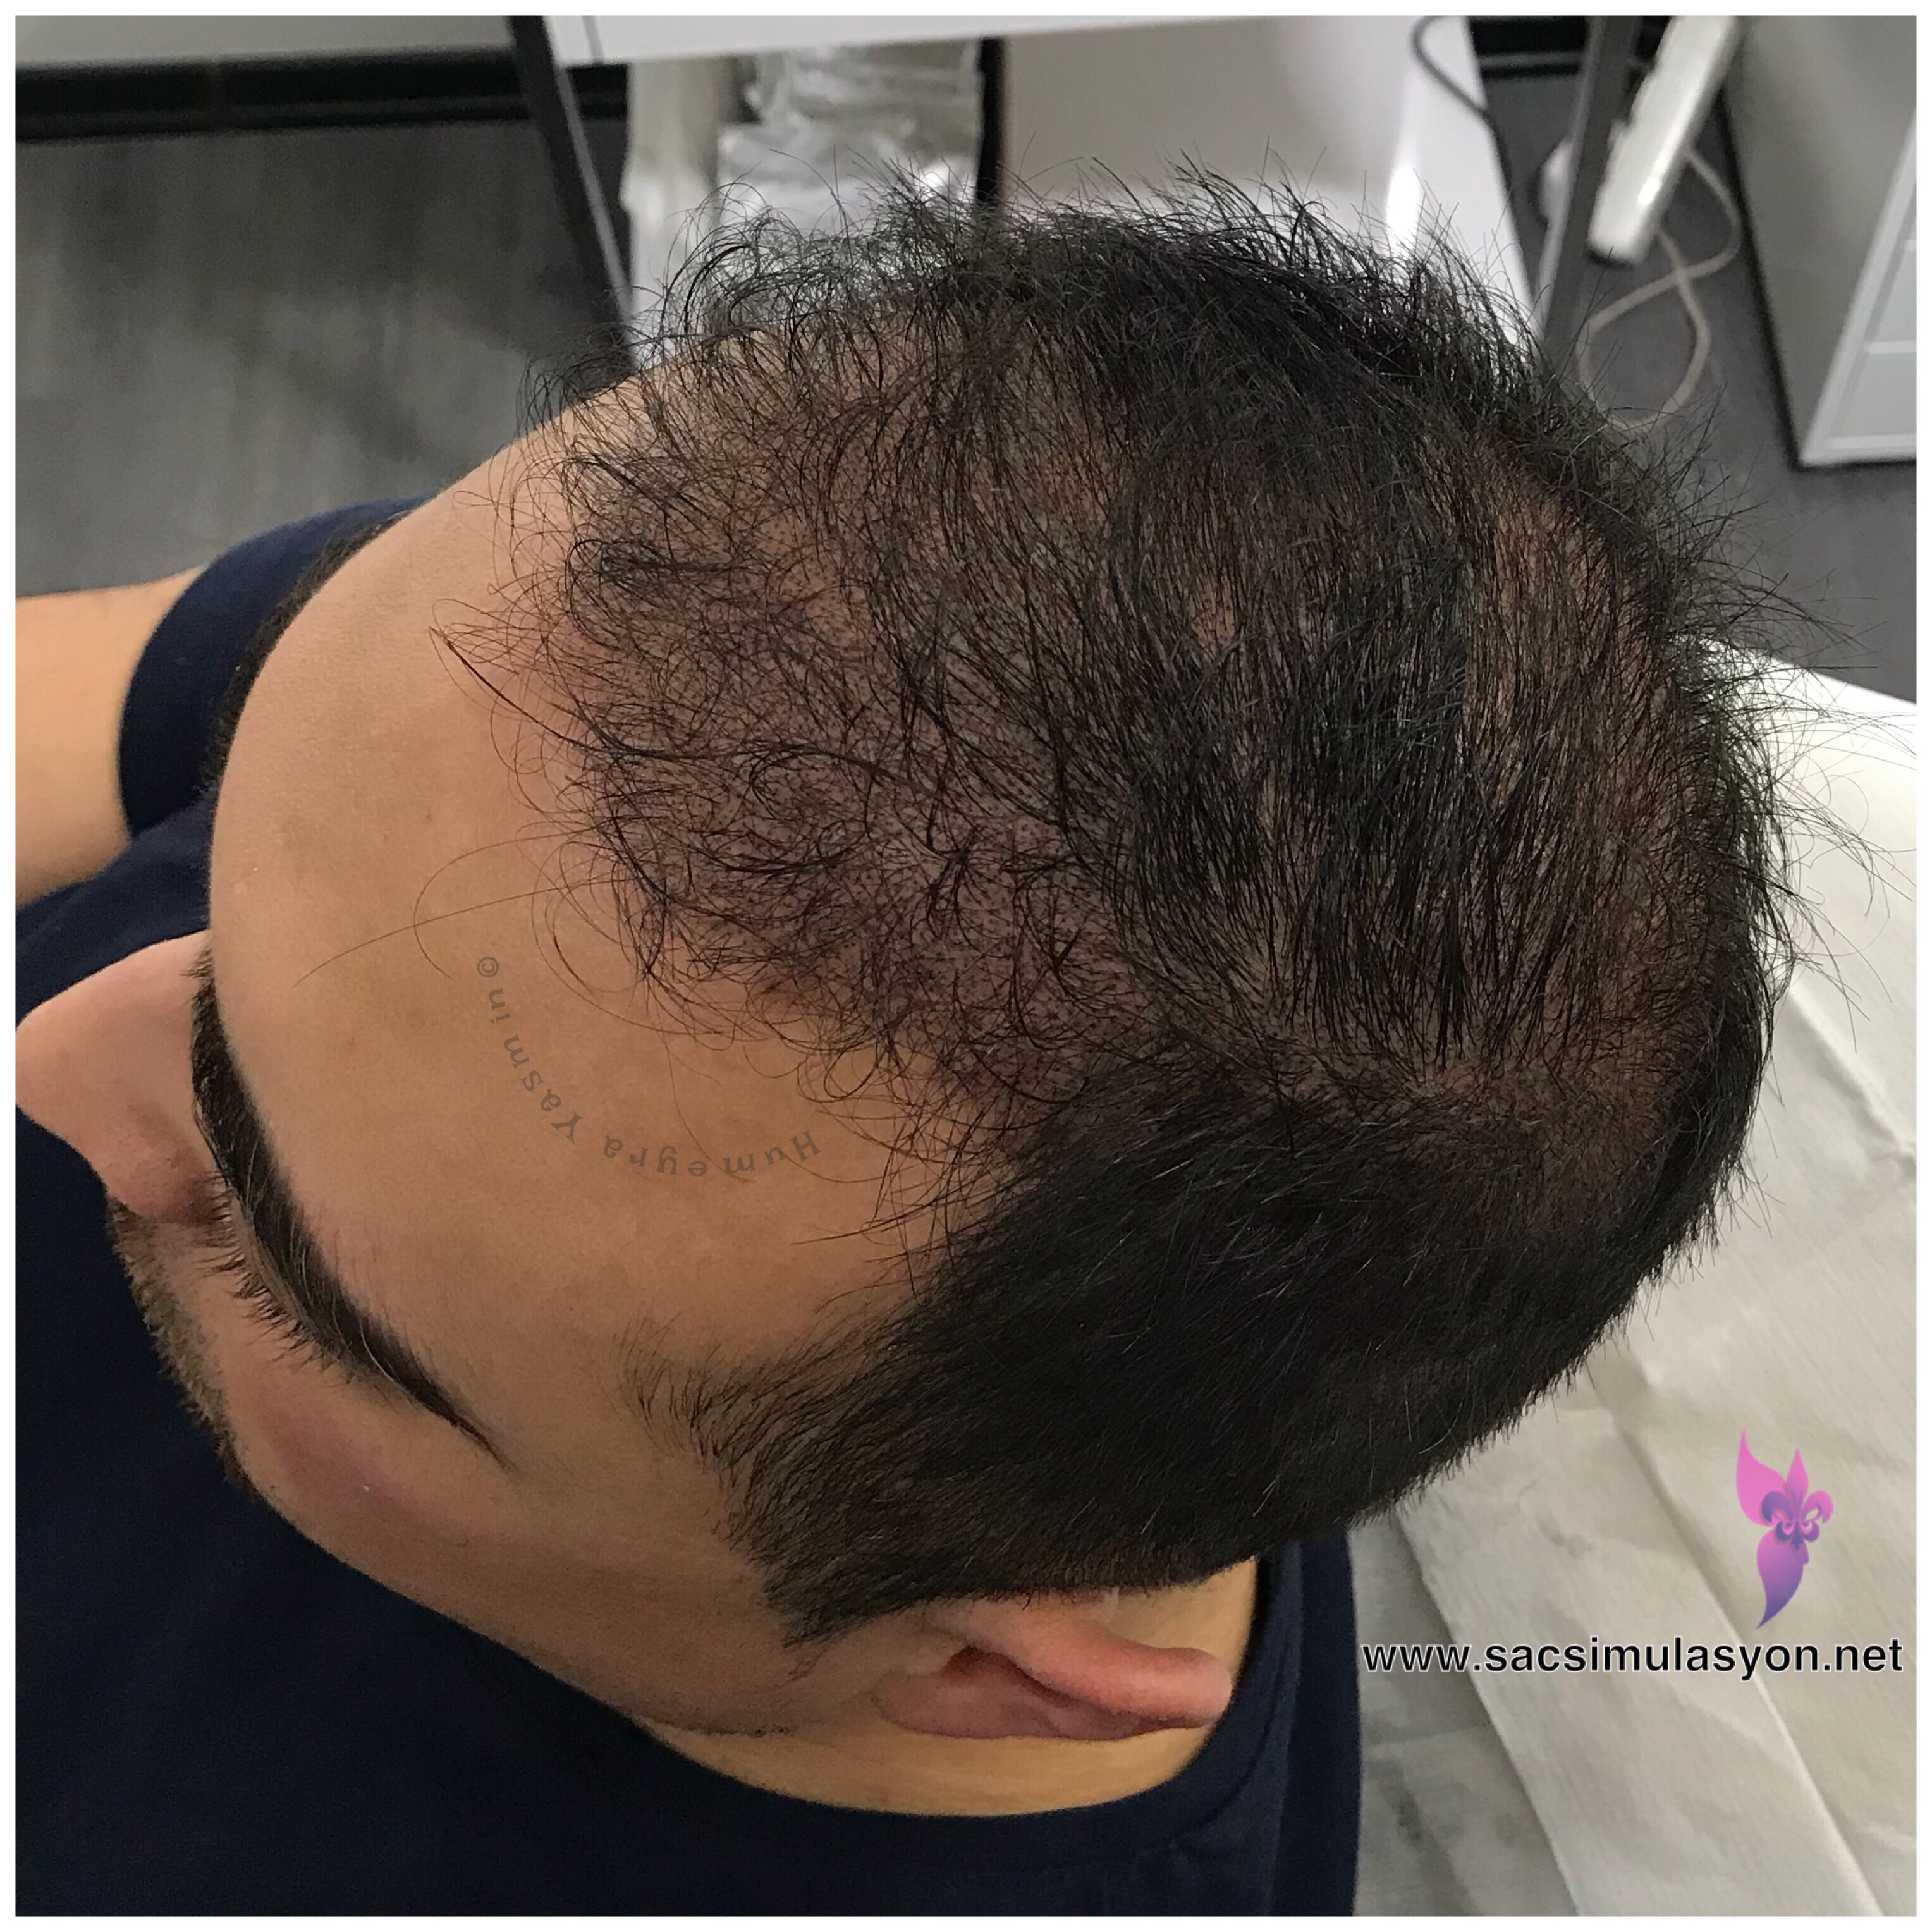 Saç Simulasyon Uygulamamız